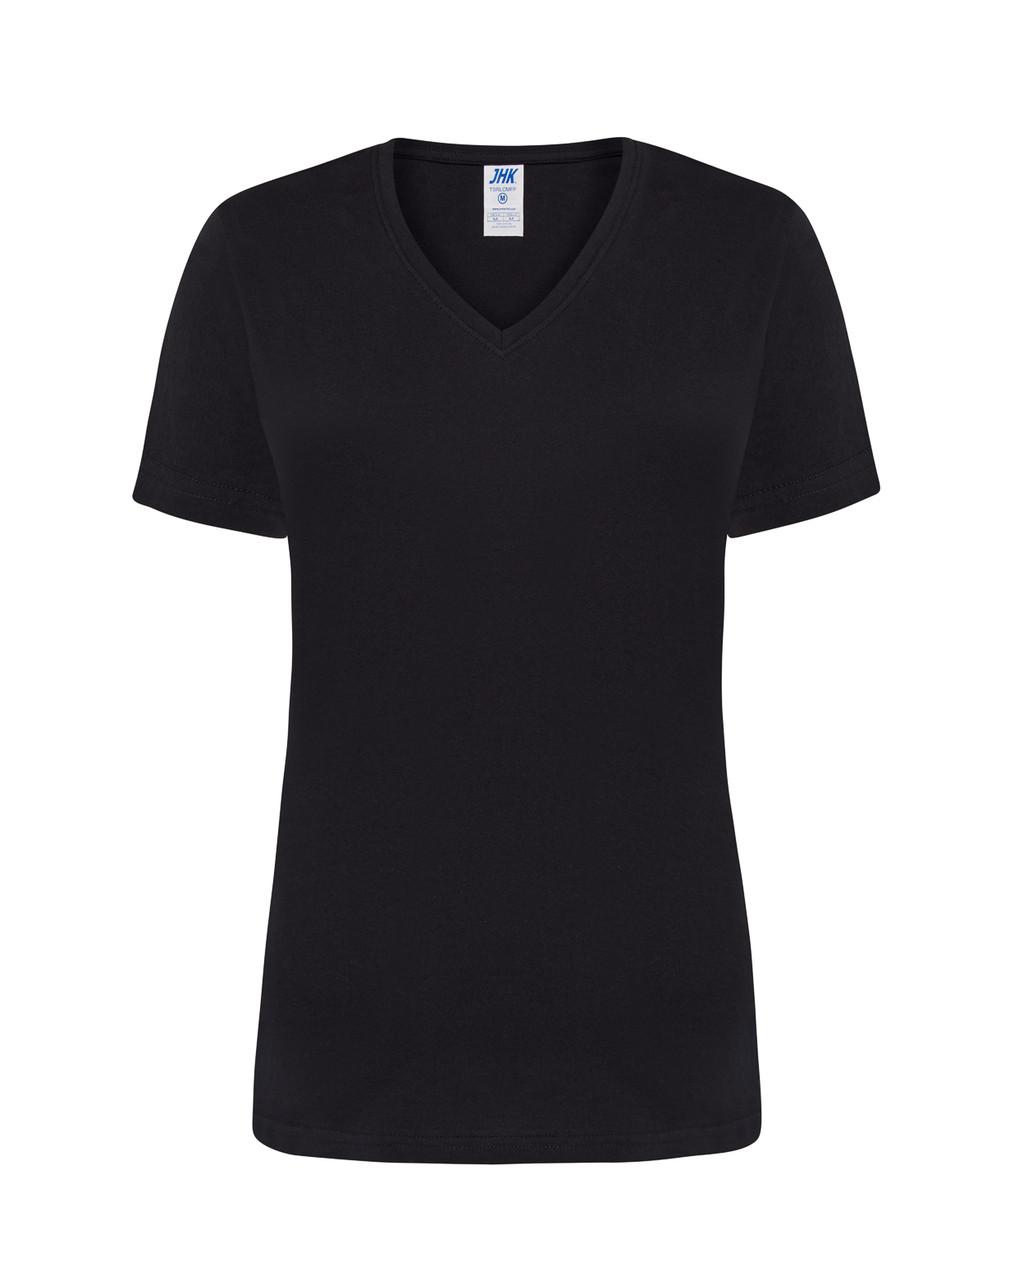 Женская футболка JHK COMFORT V-NECK LADY цвет черный (BK)